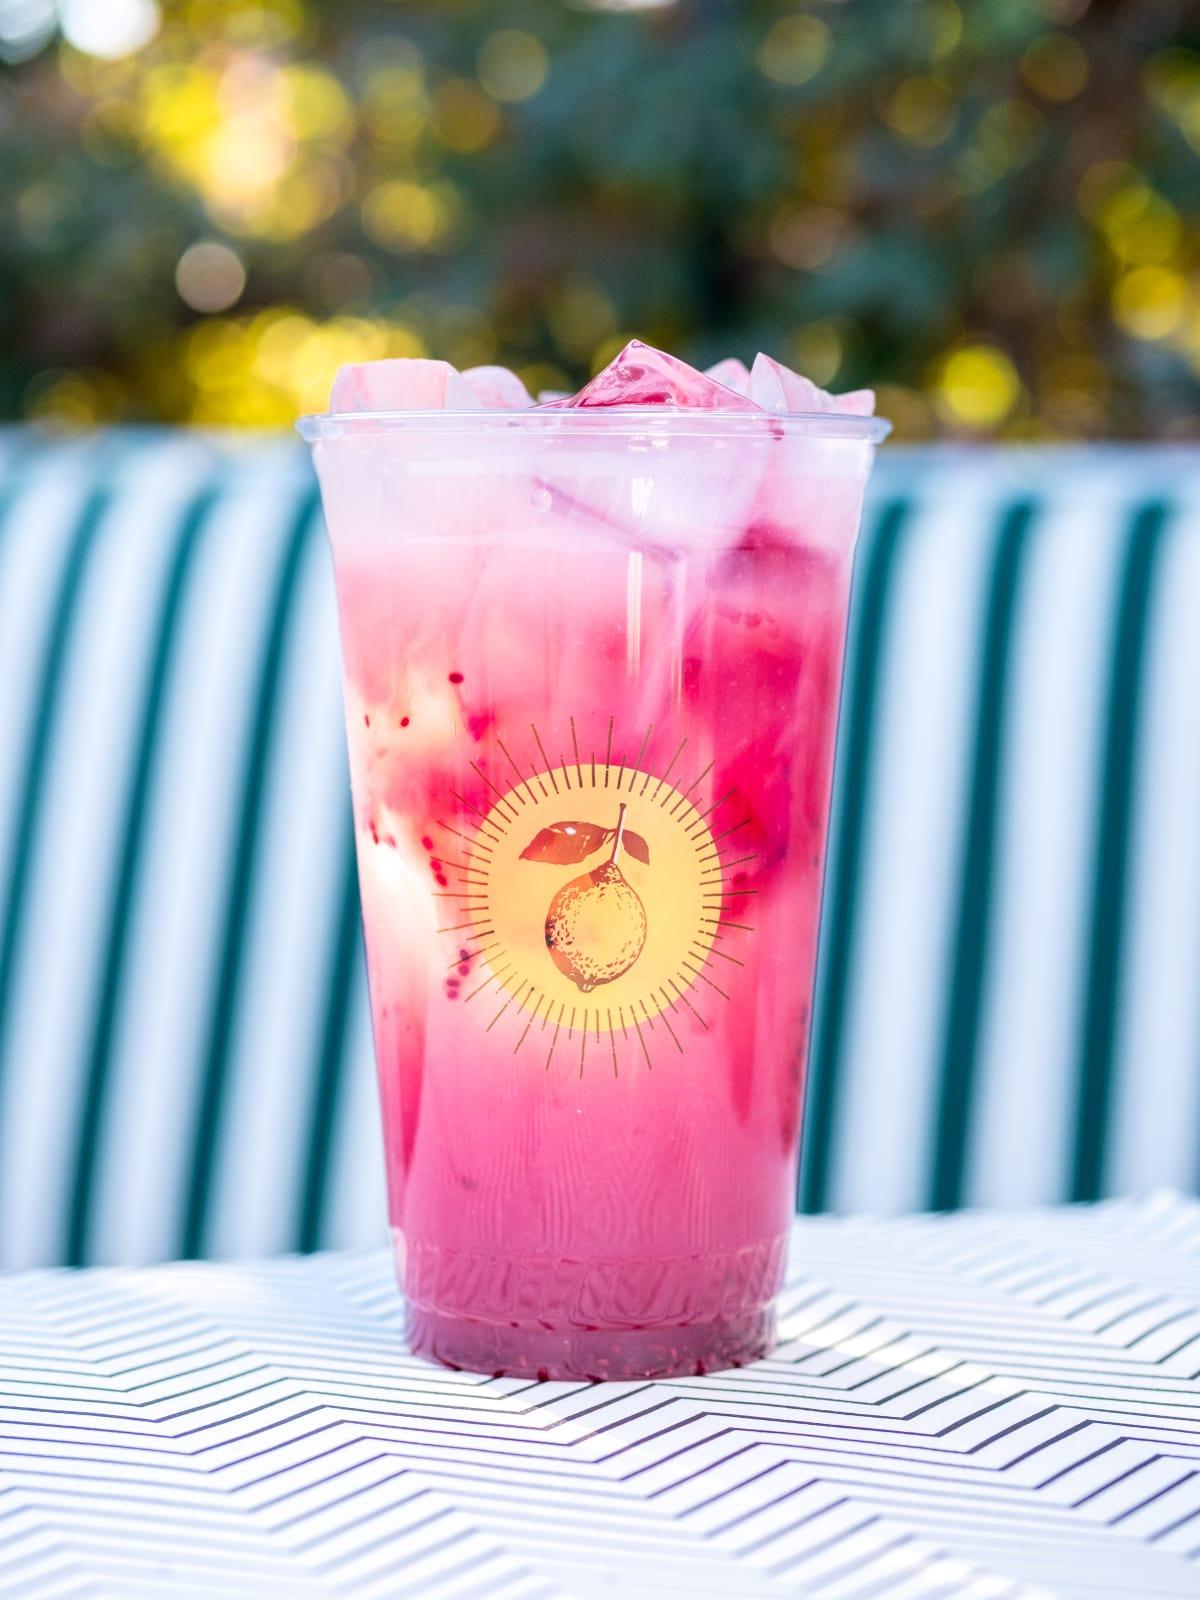 Chia lemonade